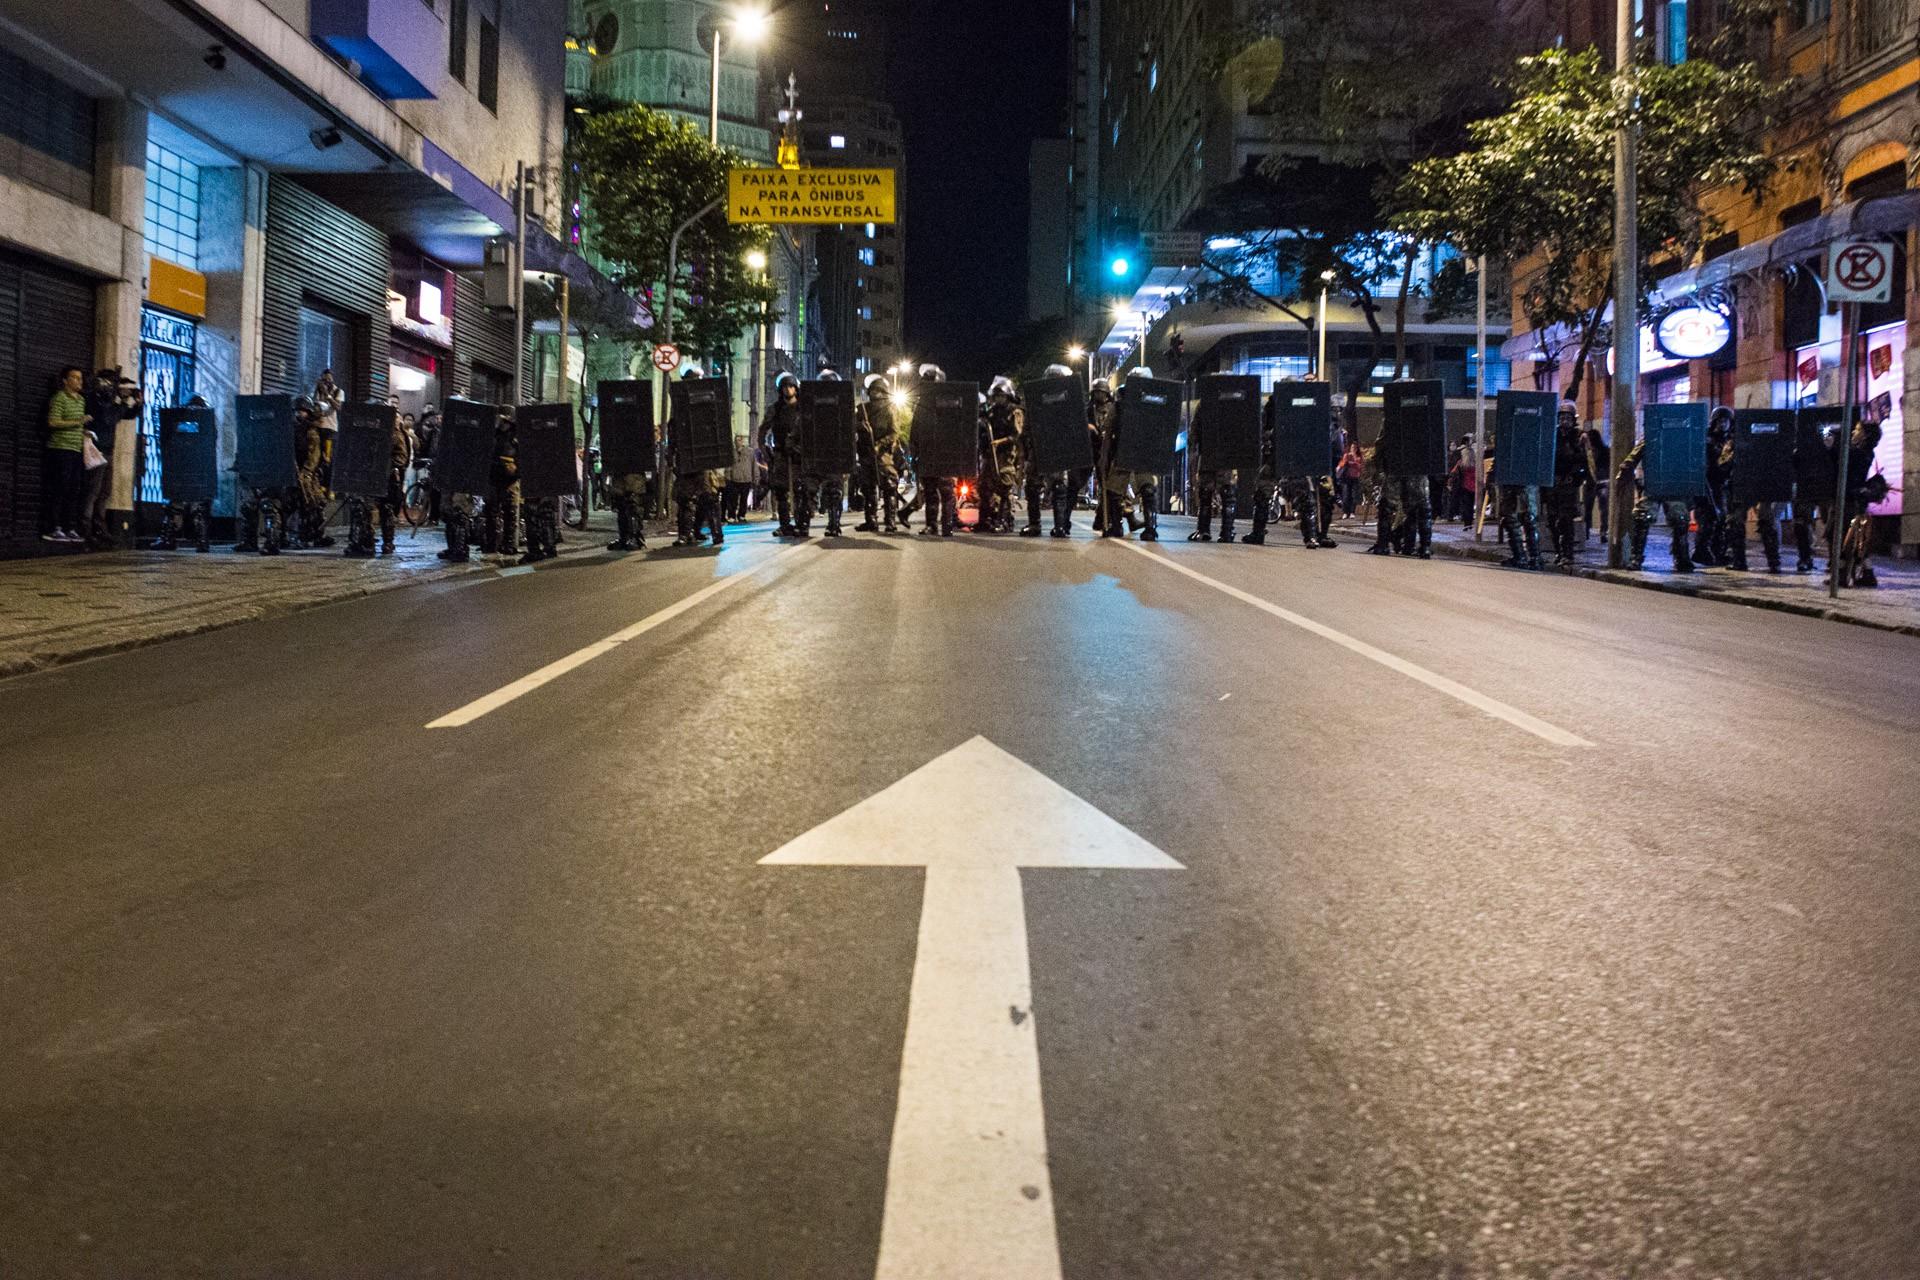 Foto: Ísis Ferreira, dos Jornalistas Livres